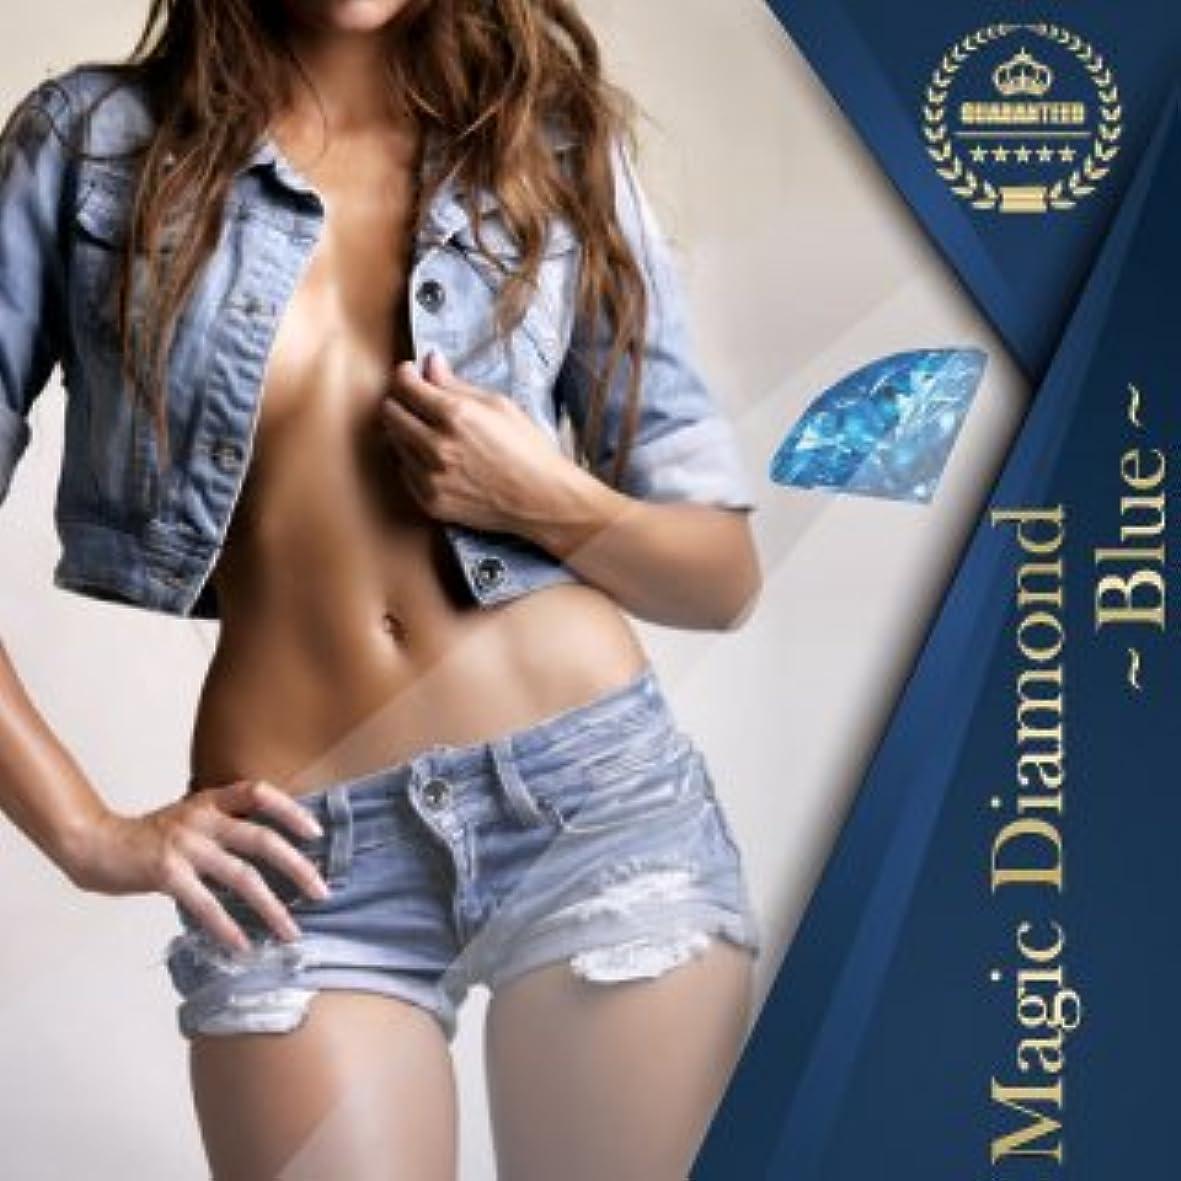 虎スケルトンオデュッセウスMagic Diamond Blue マジックダイアモンドブルー 2個セット Magic Diamond Blue